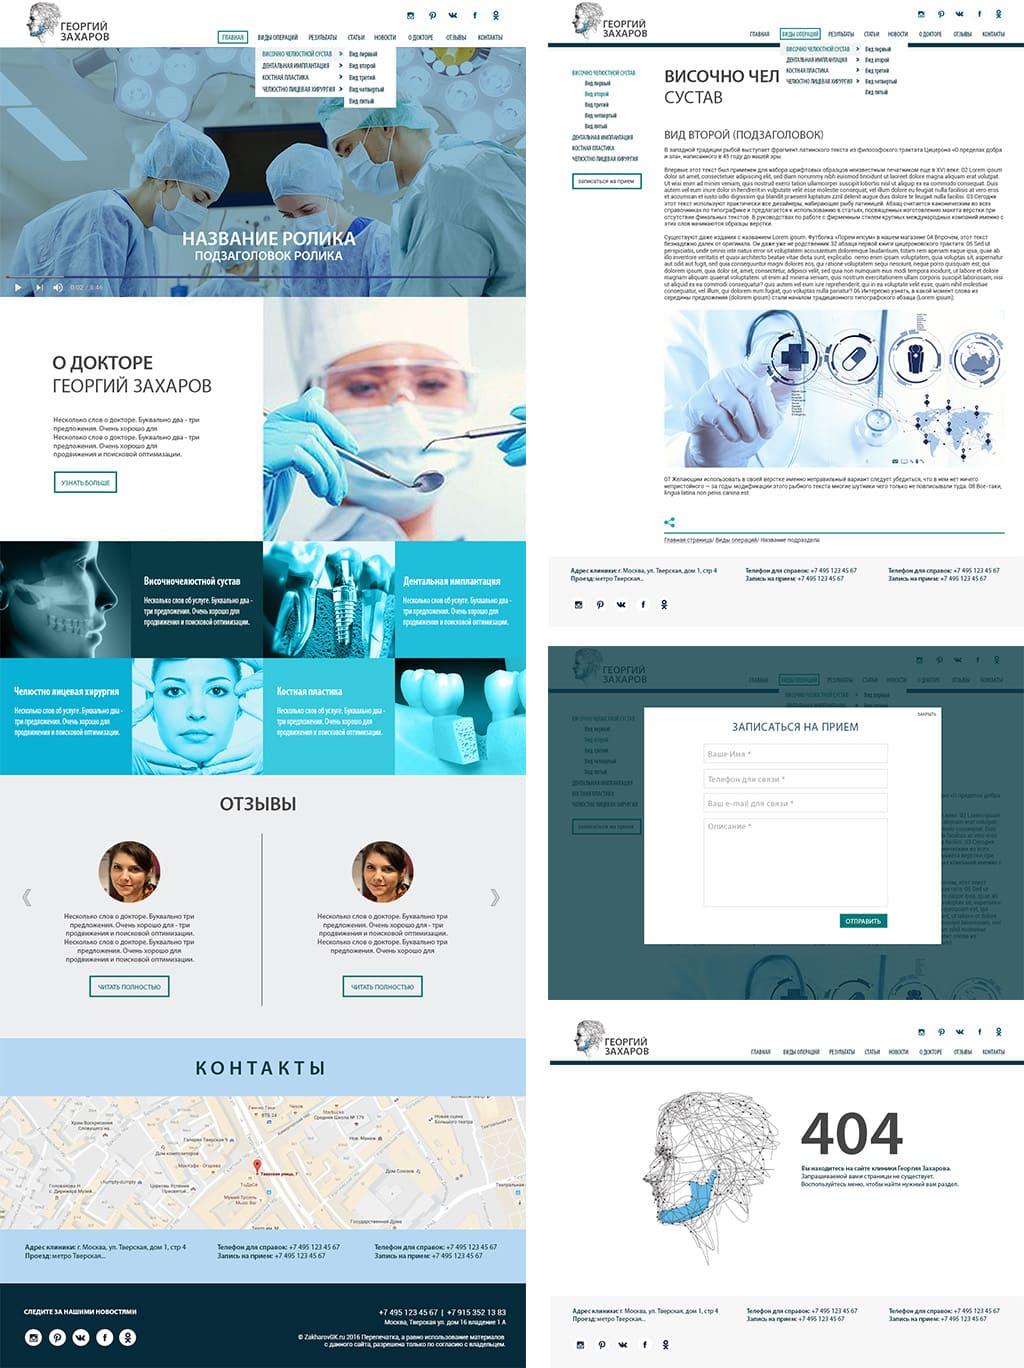 Создание сайта клиники. Внутренние страницы. Разработка сайта на wordpress